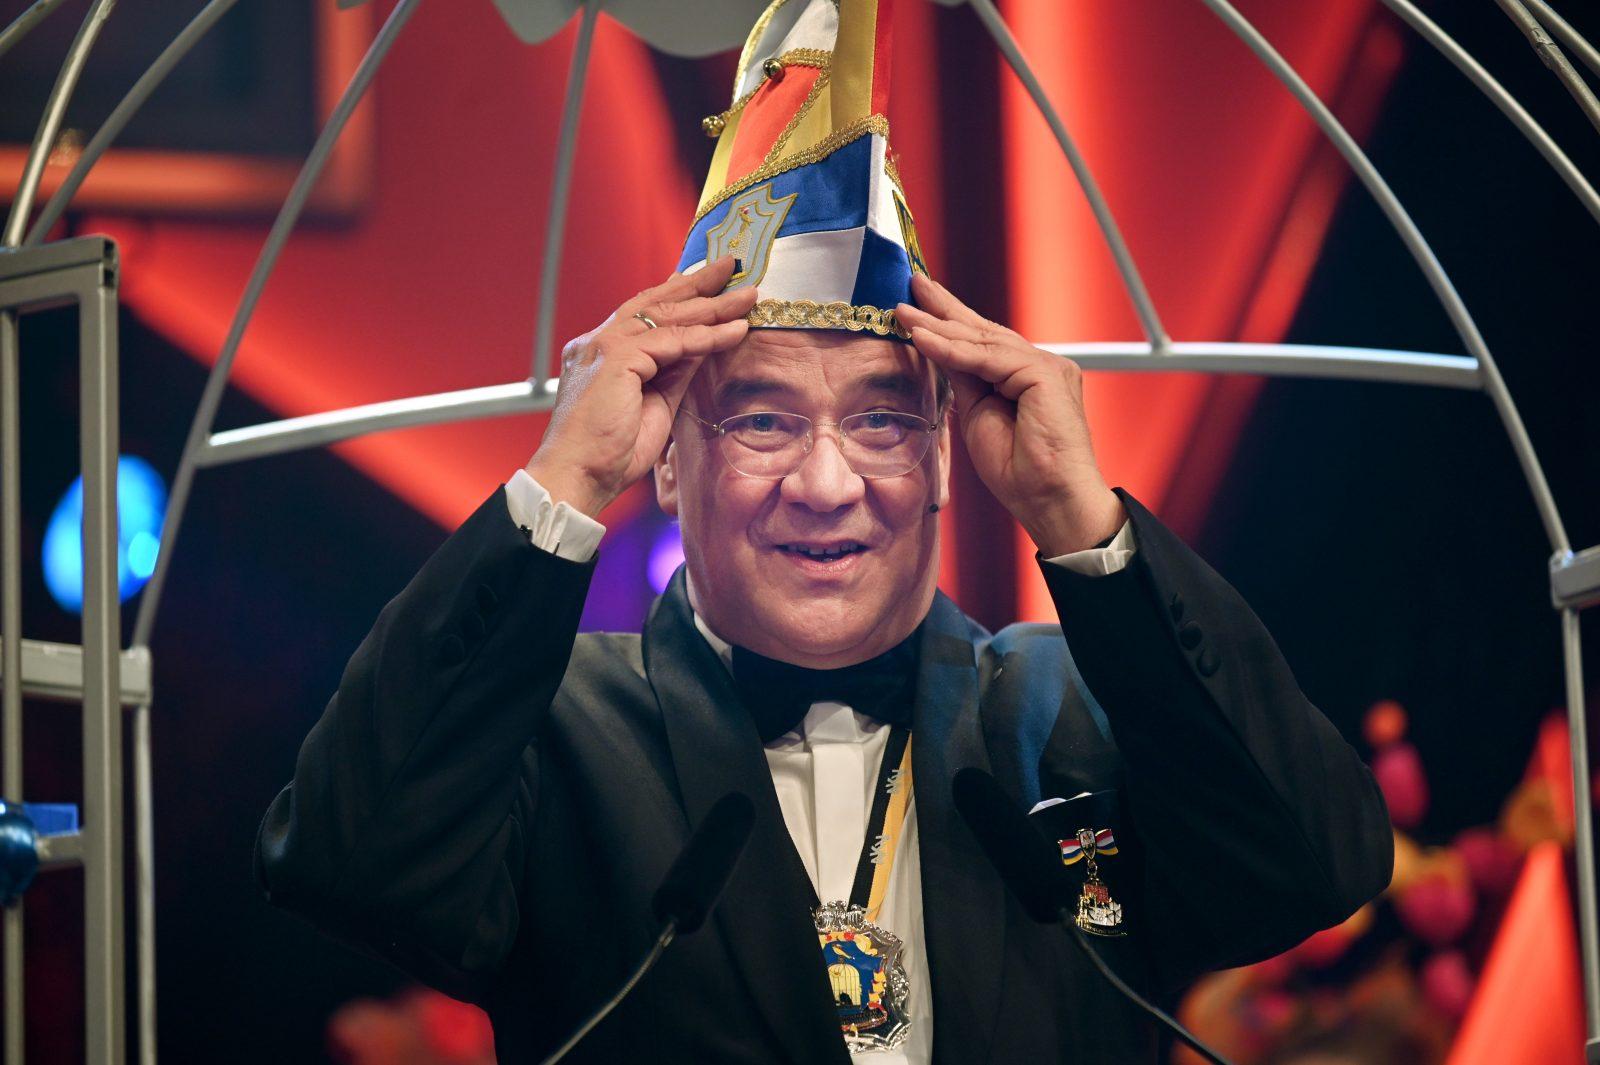 Nordrhein-Westfalens Ministerpräsident Armin Laschet (CDU) während der diesjährigen Karnevalssaison Foto: picture alliance/Henning Kaiser/dpa